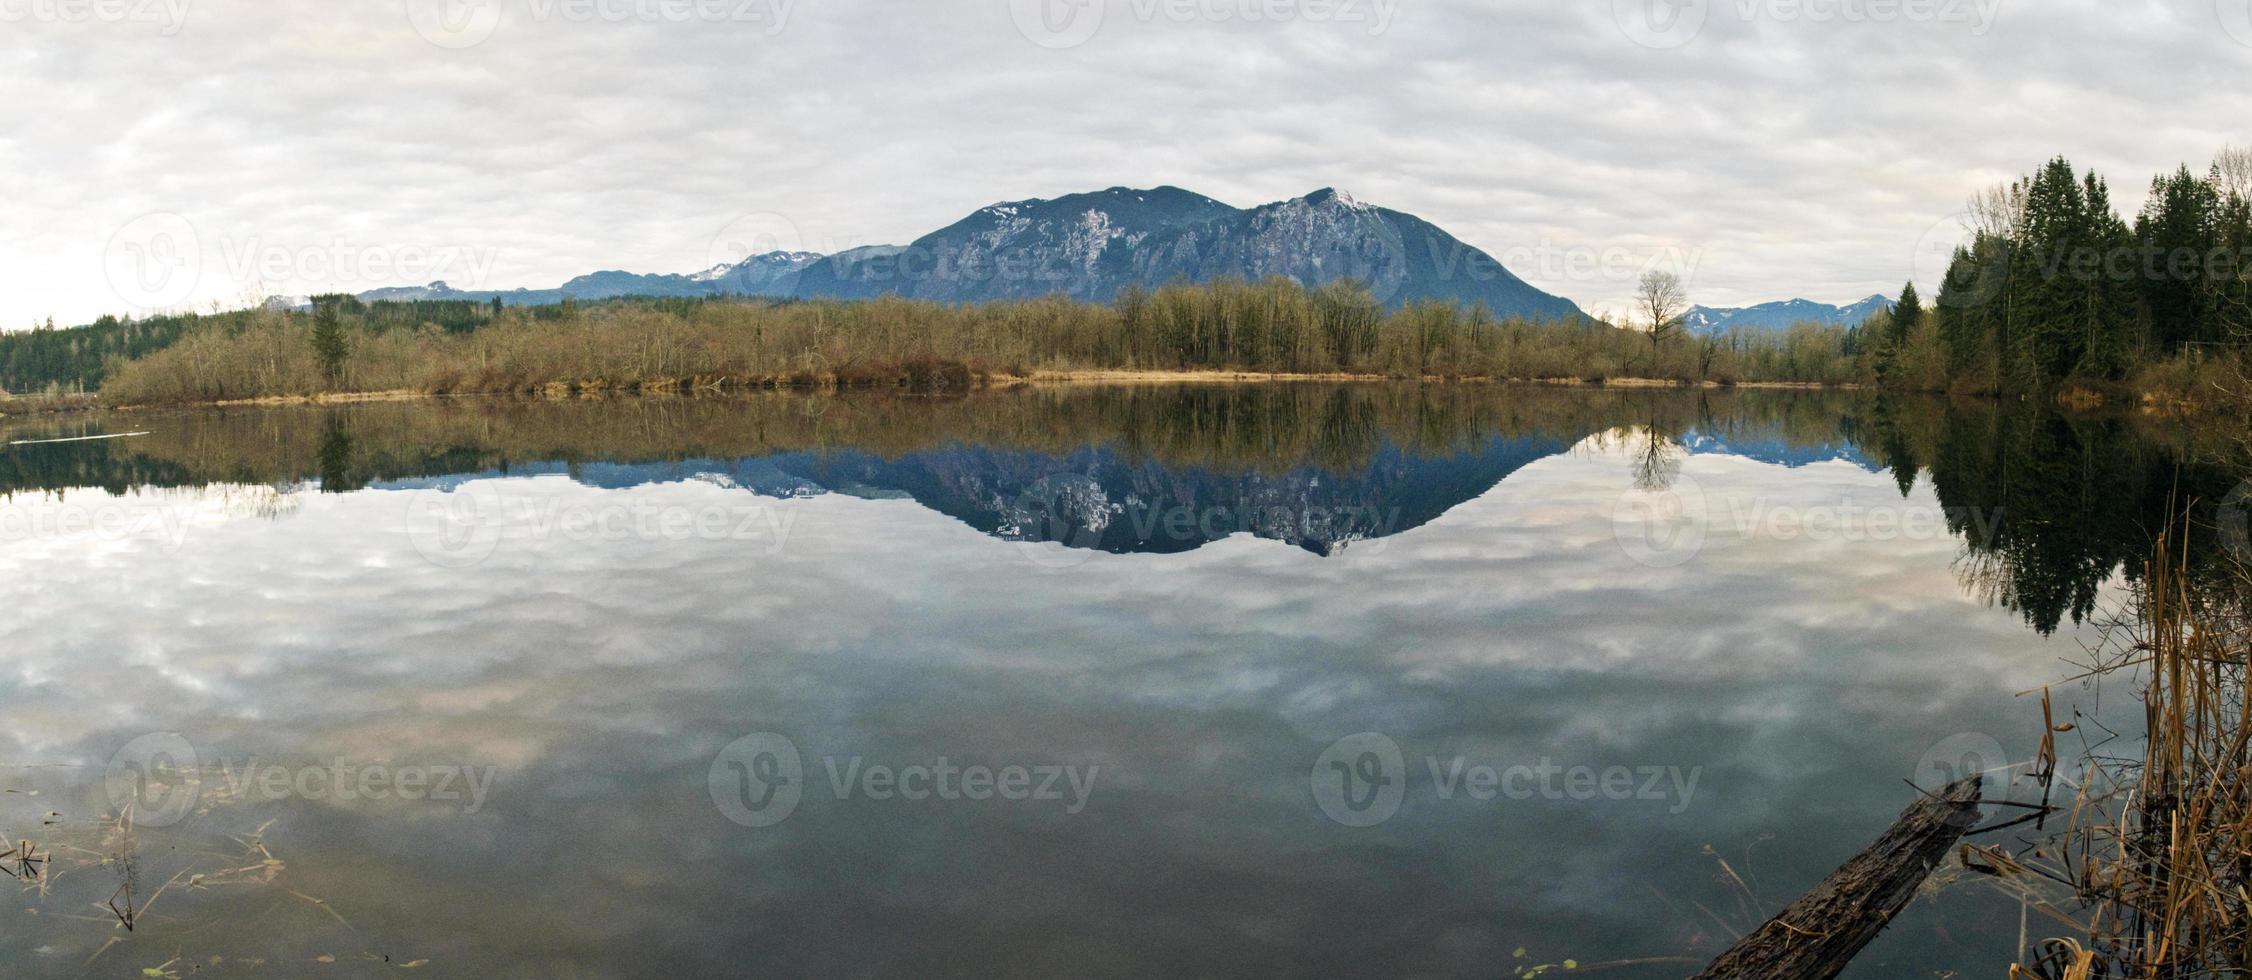 río con montañas en cascada en el fondo foto